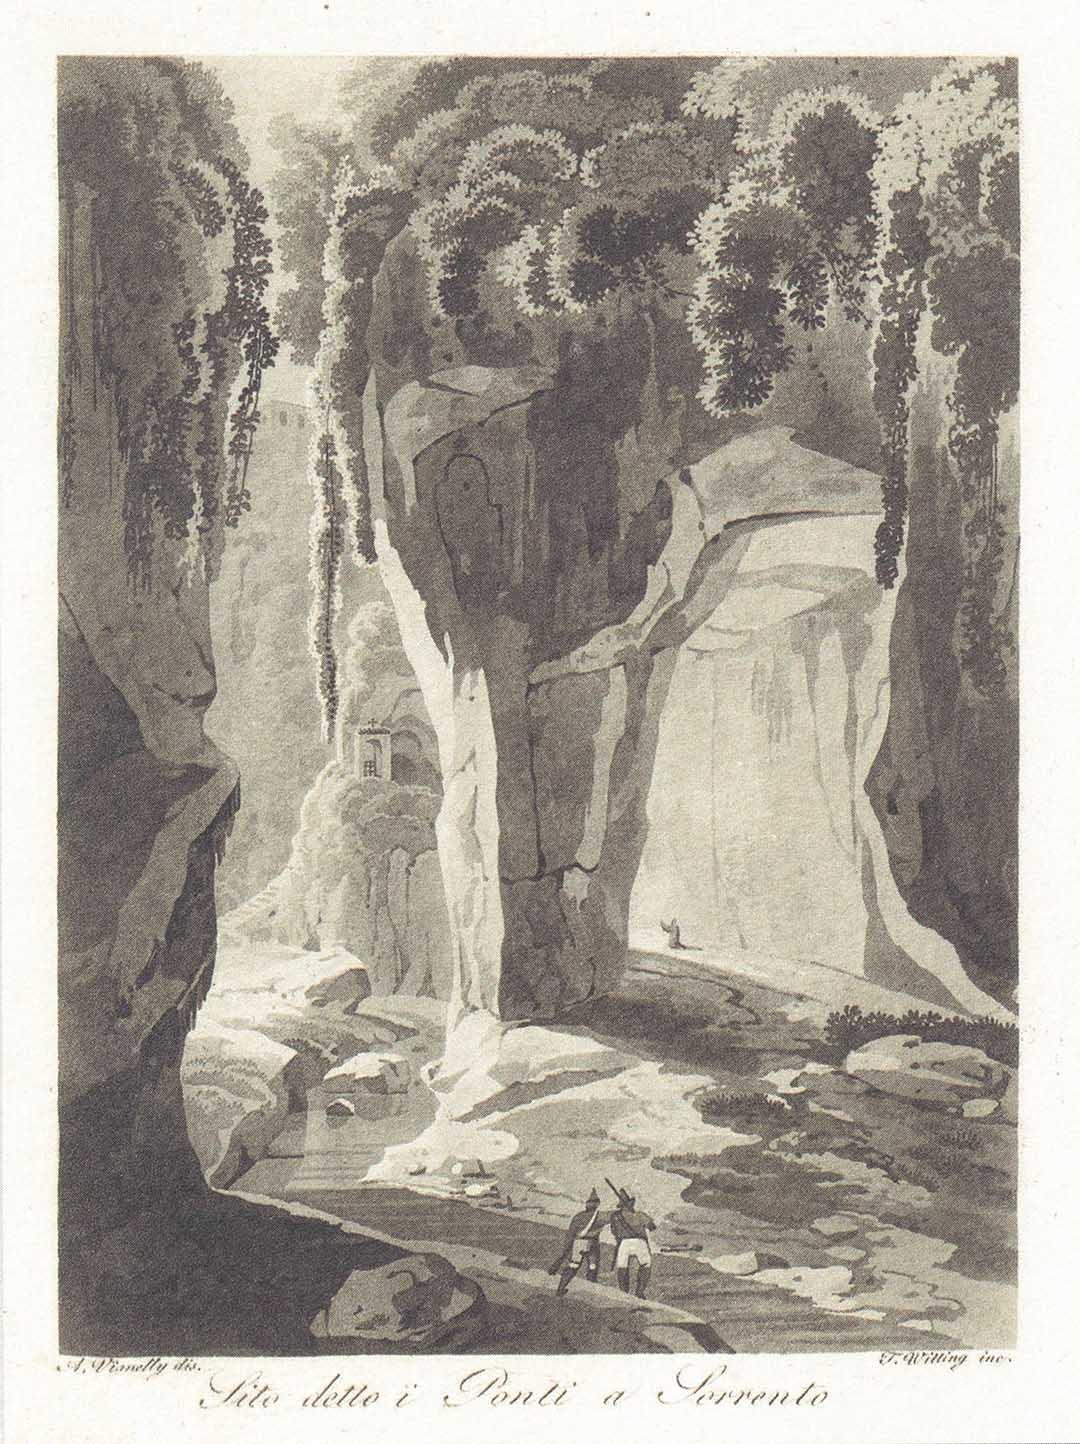 Achille VIANELLI e Teodoro WITTING, Sito detto i Ponti a Sorrento, 1820 circa